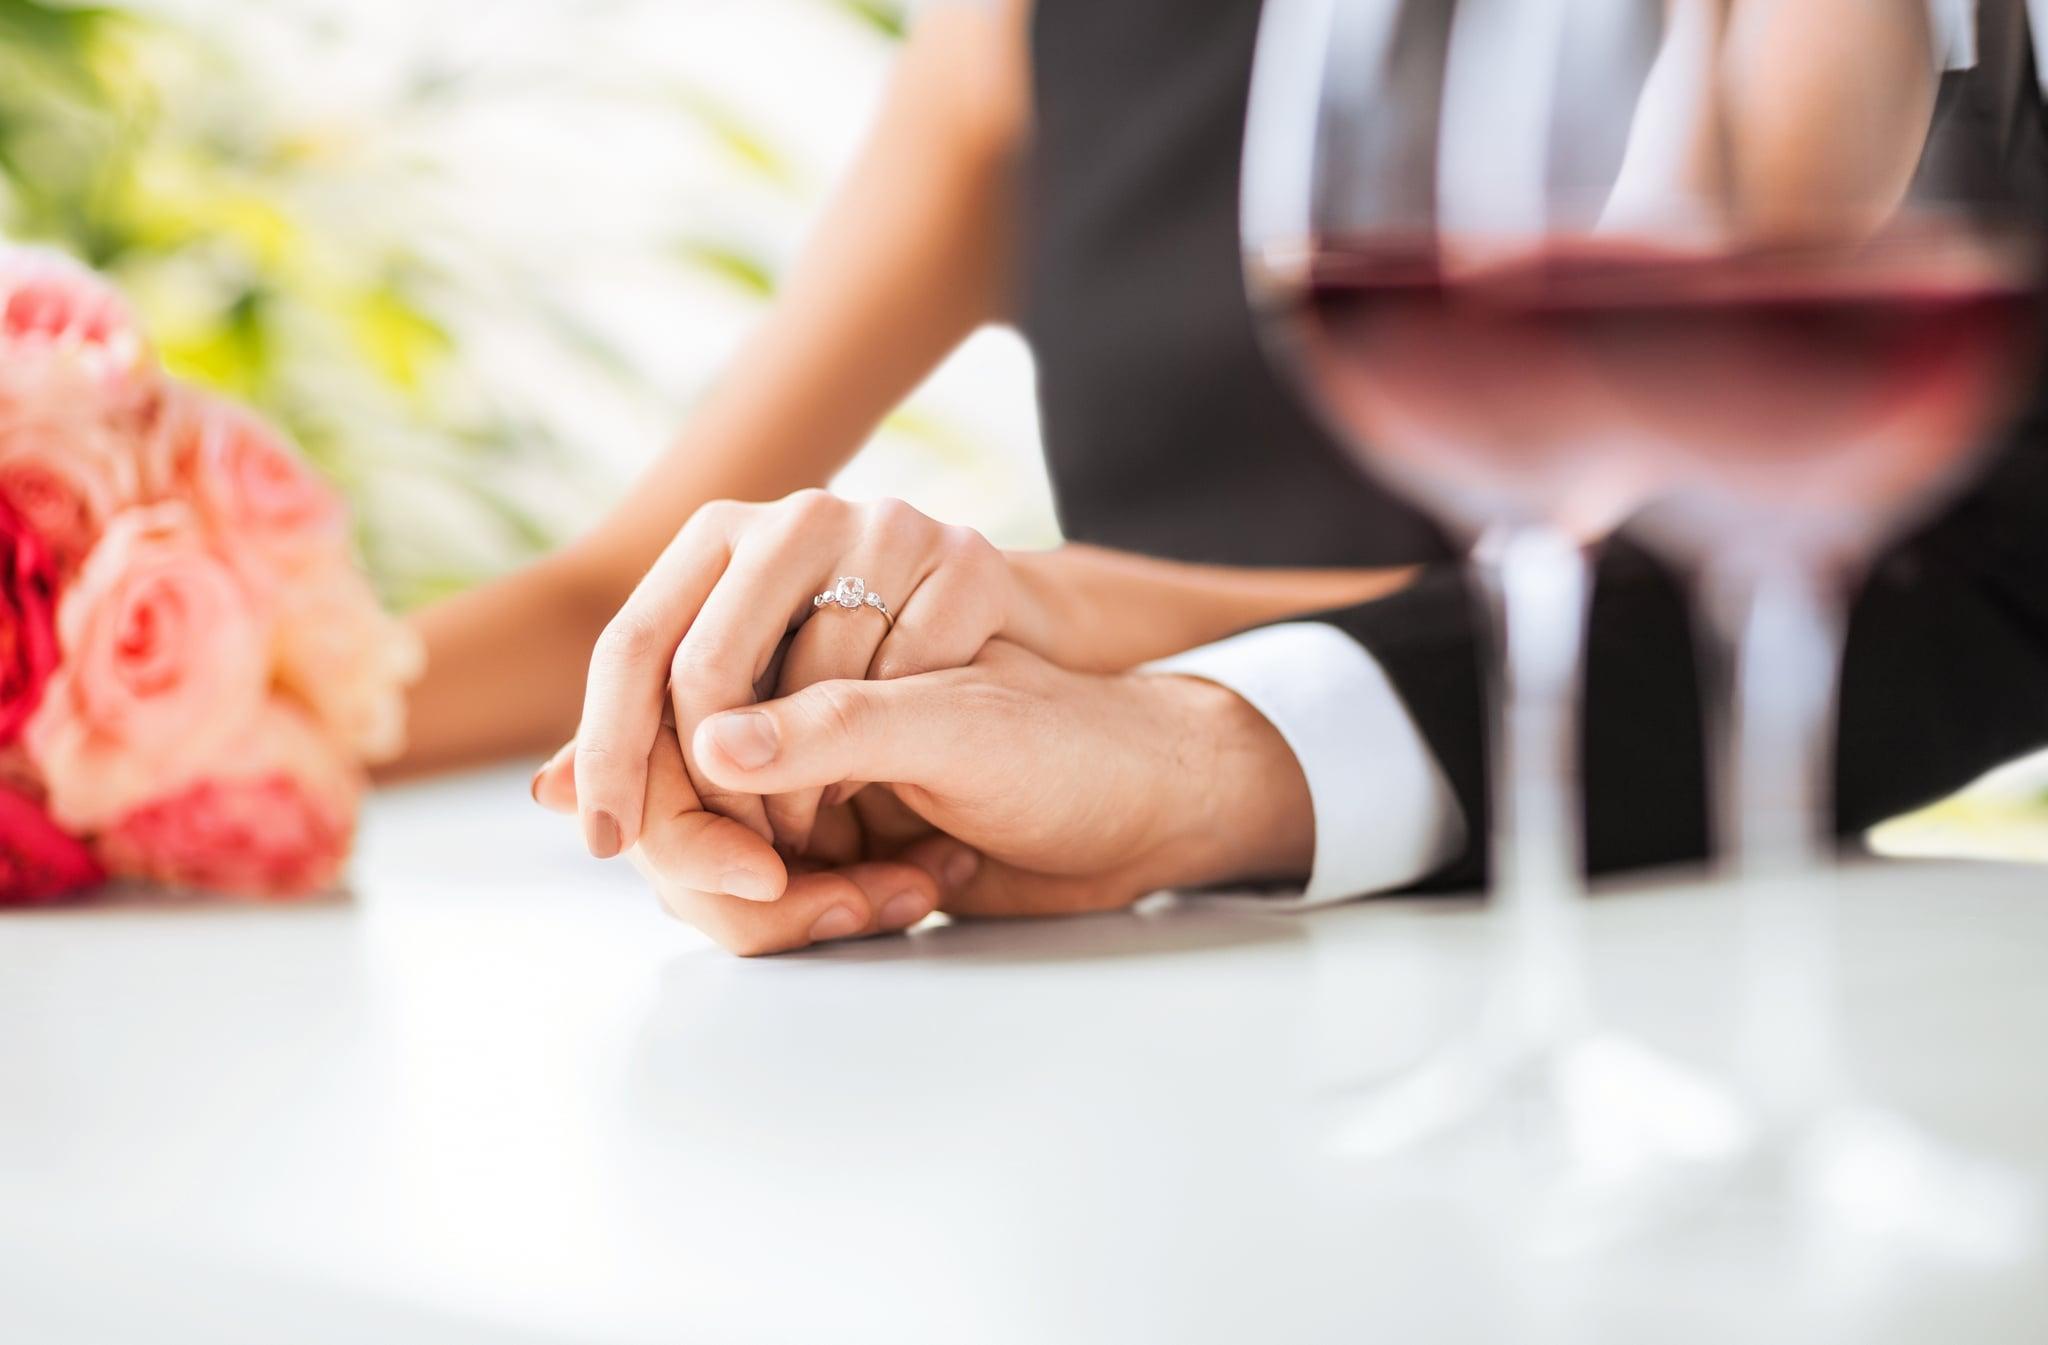 dating website for sale uk